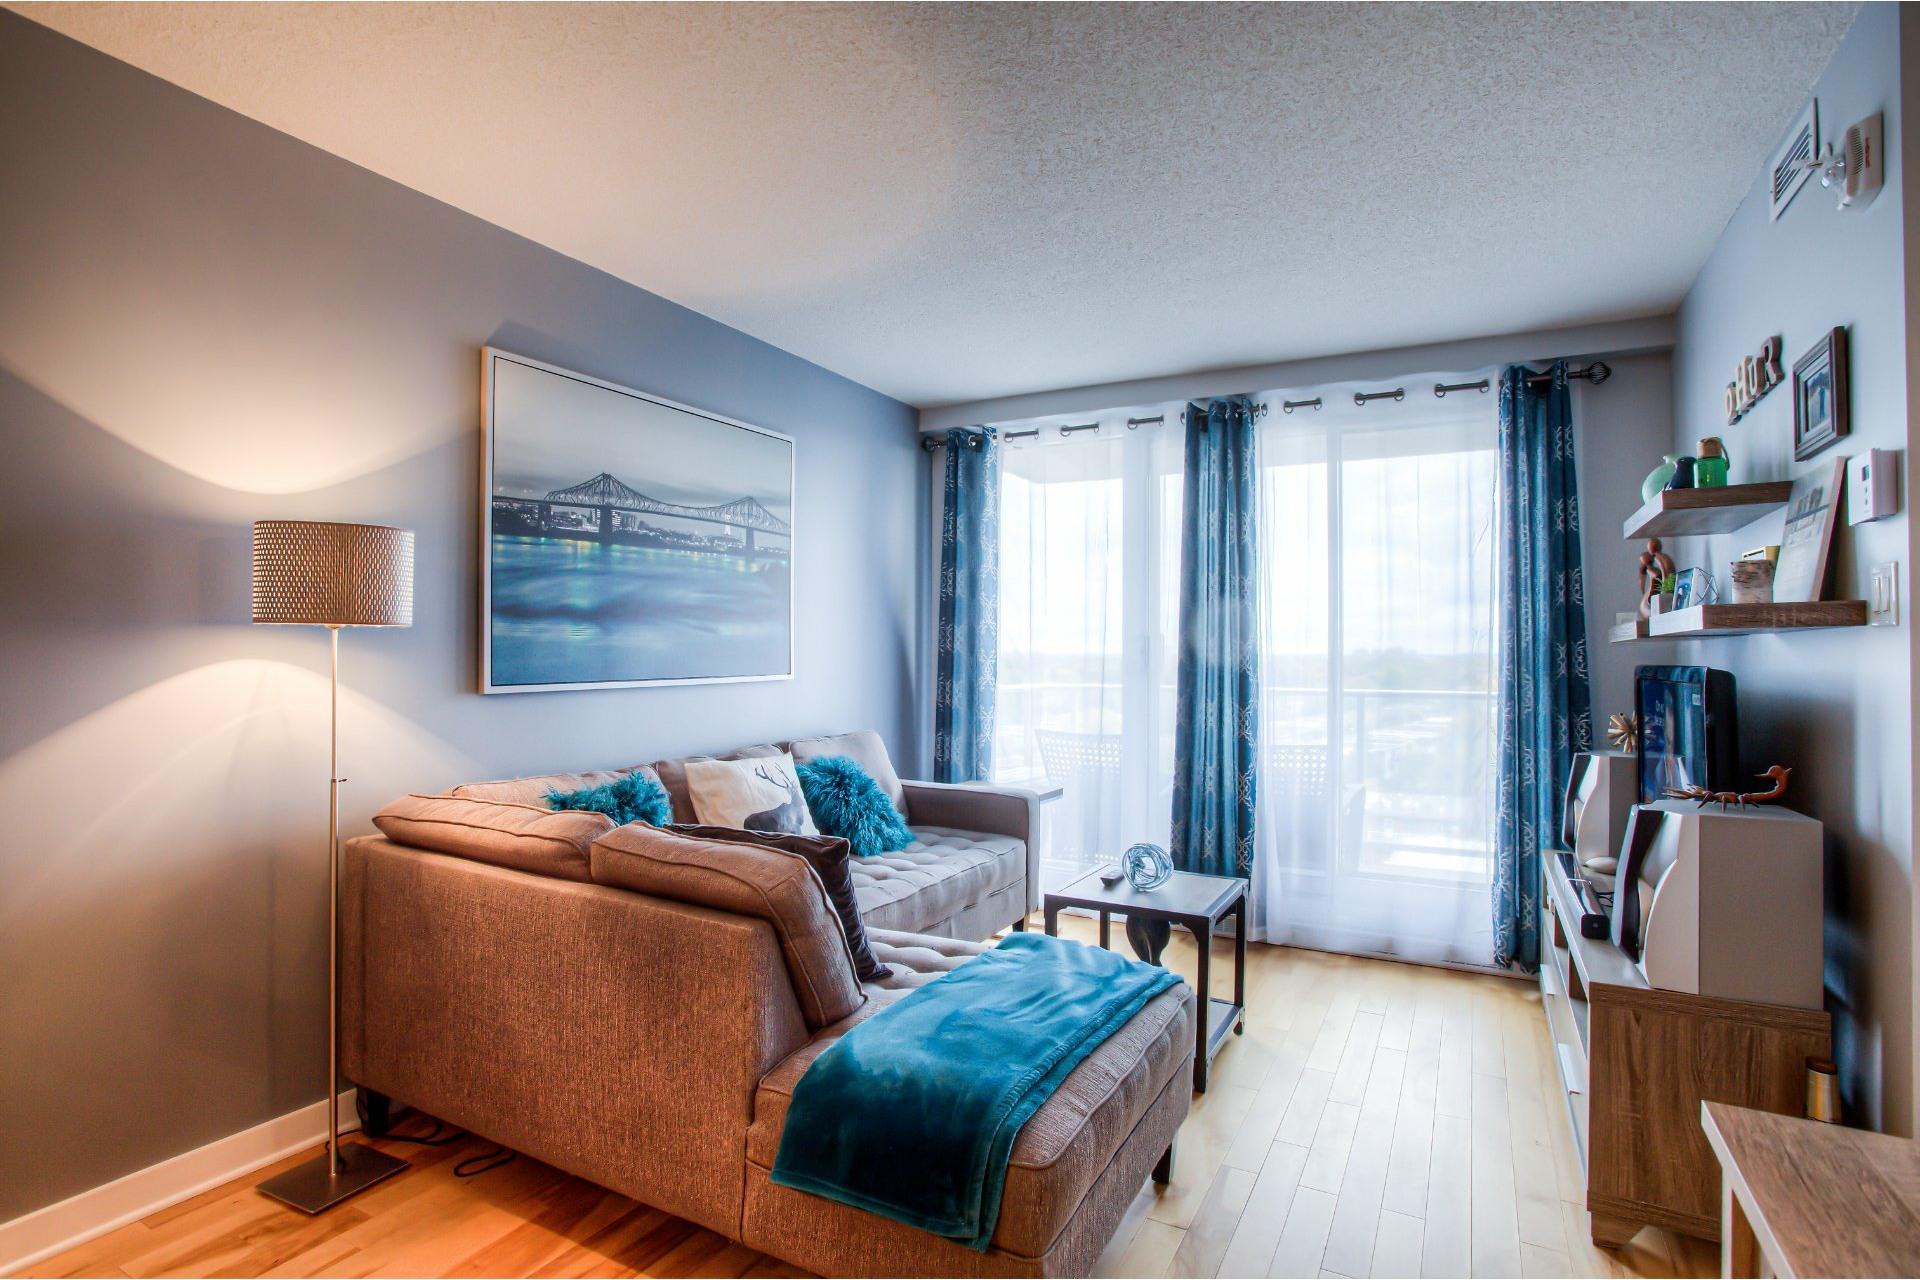 image 11 - Apartment For sale Ahuntsic-Cartierville Montréal  - 5 rooms